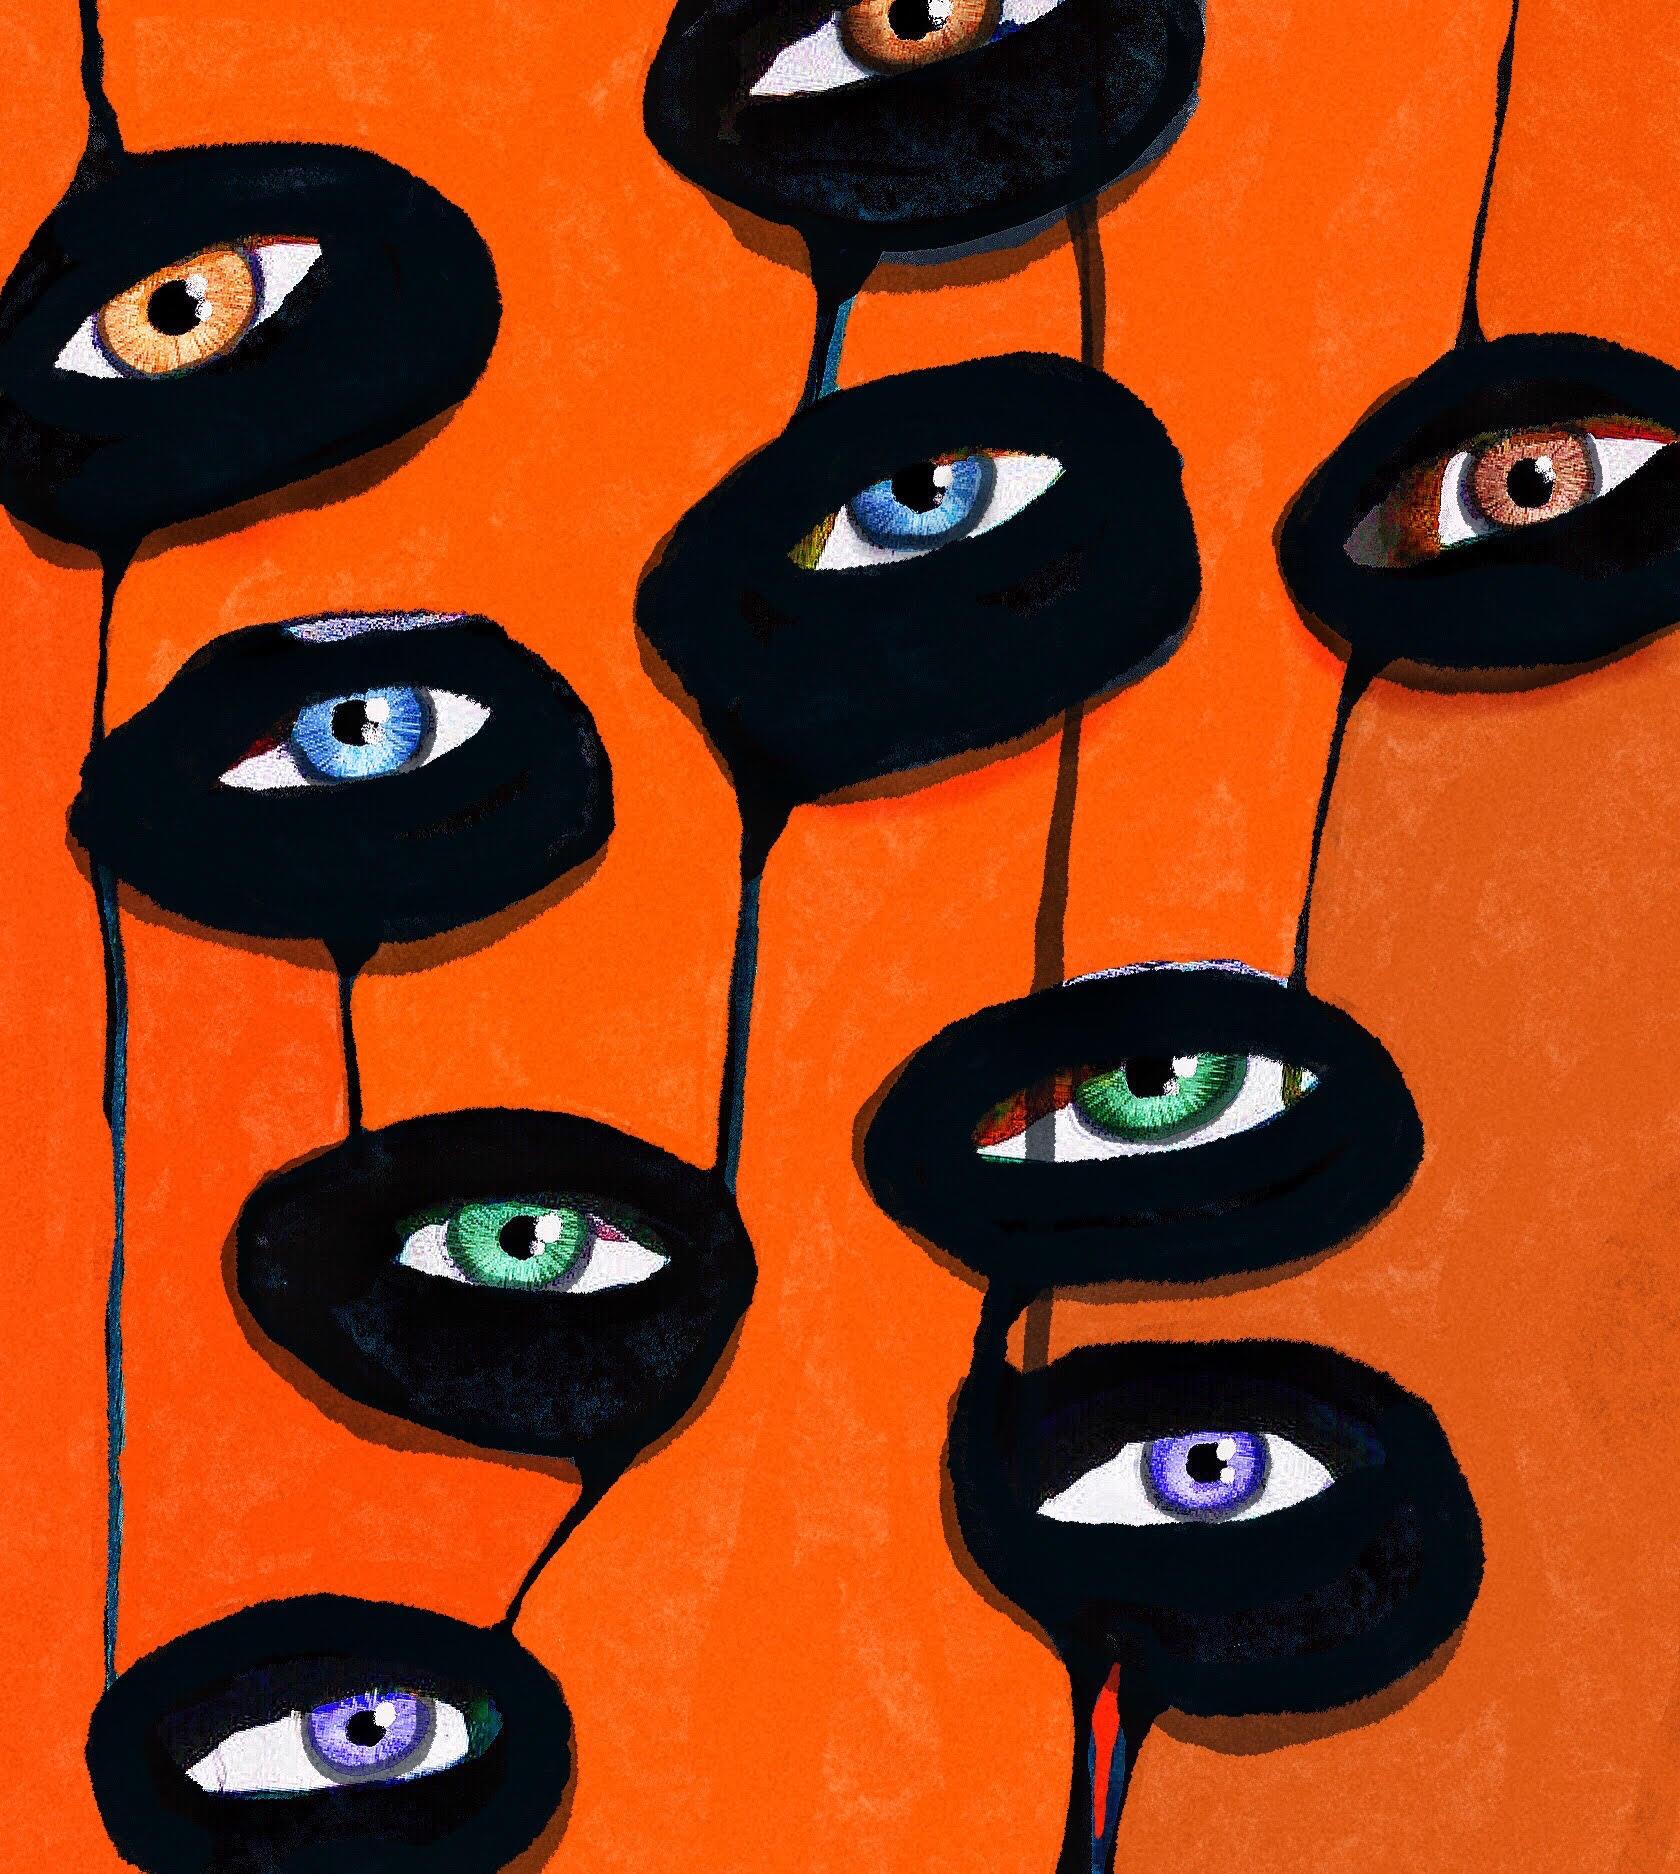 eyesorange